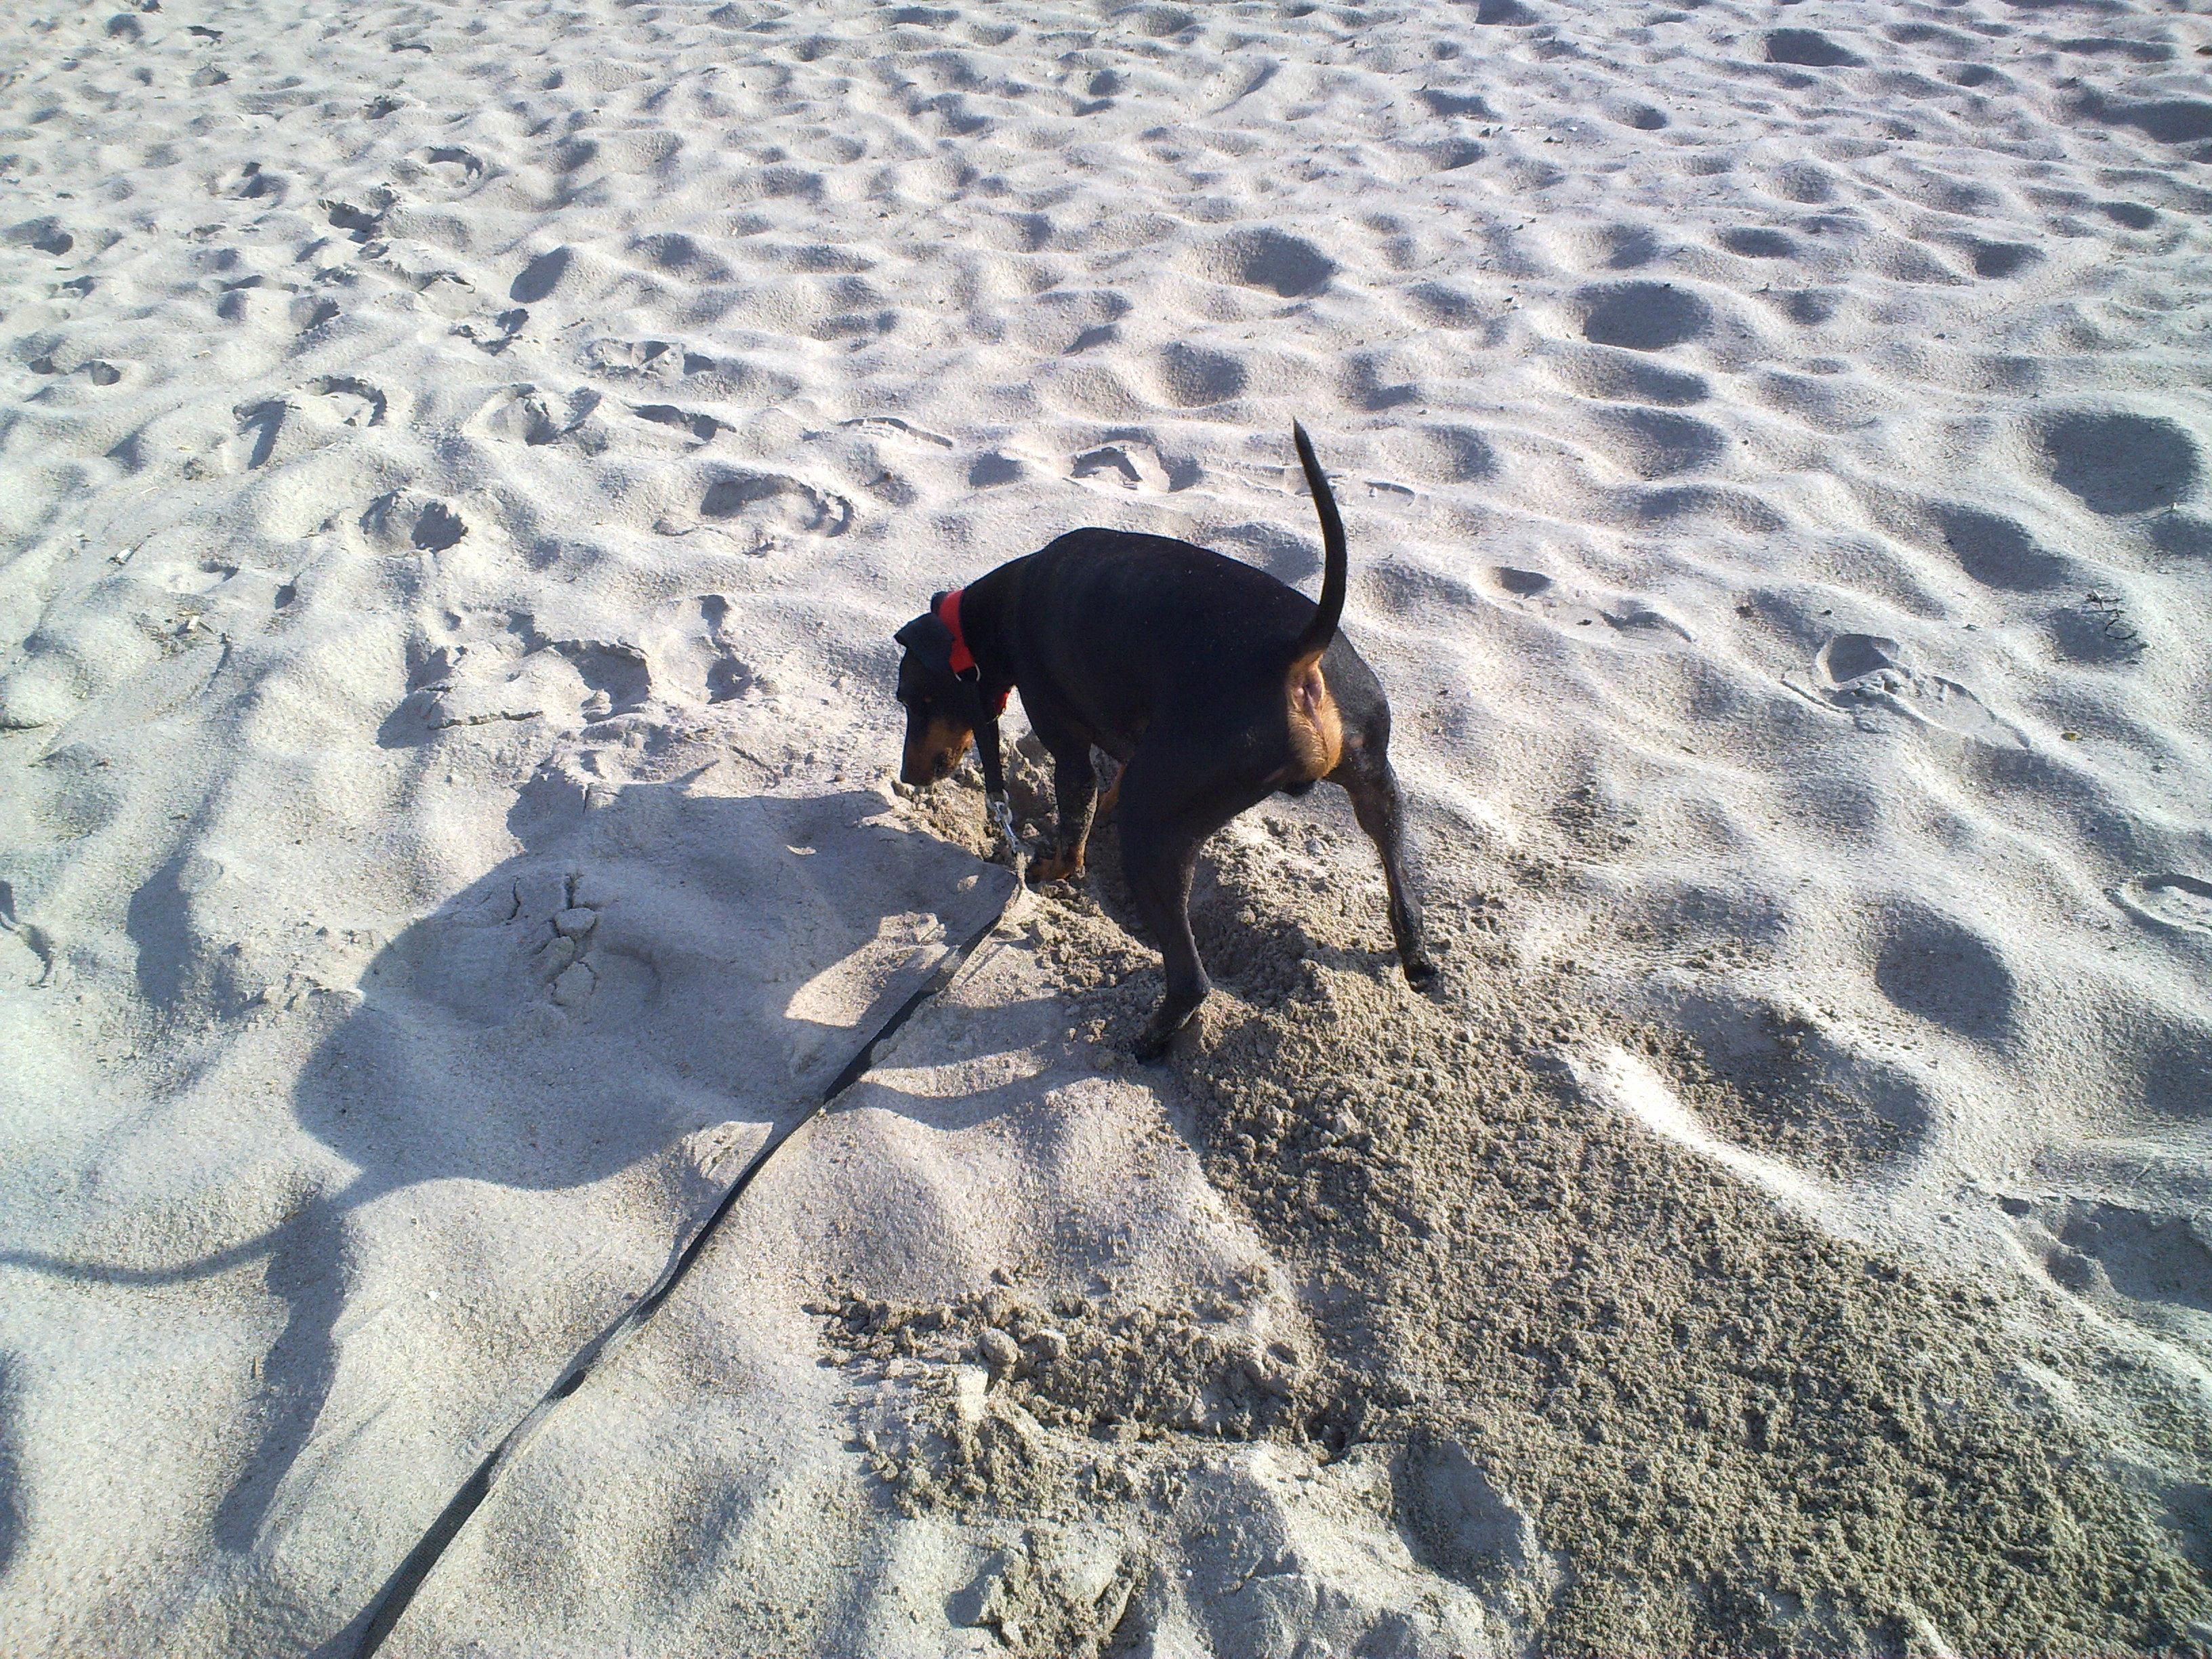 Artig å grave litt på stranden!